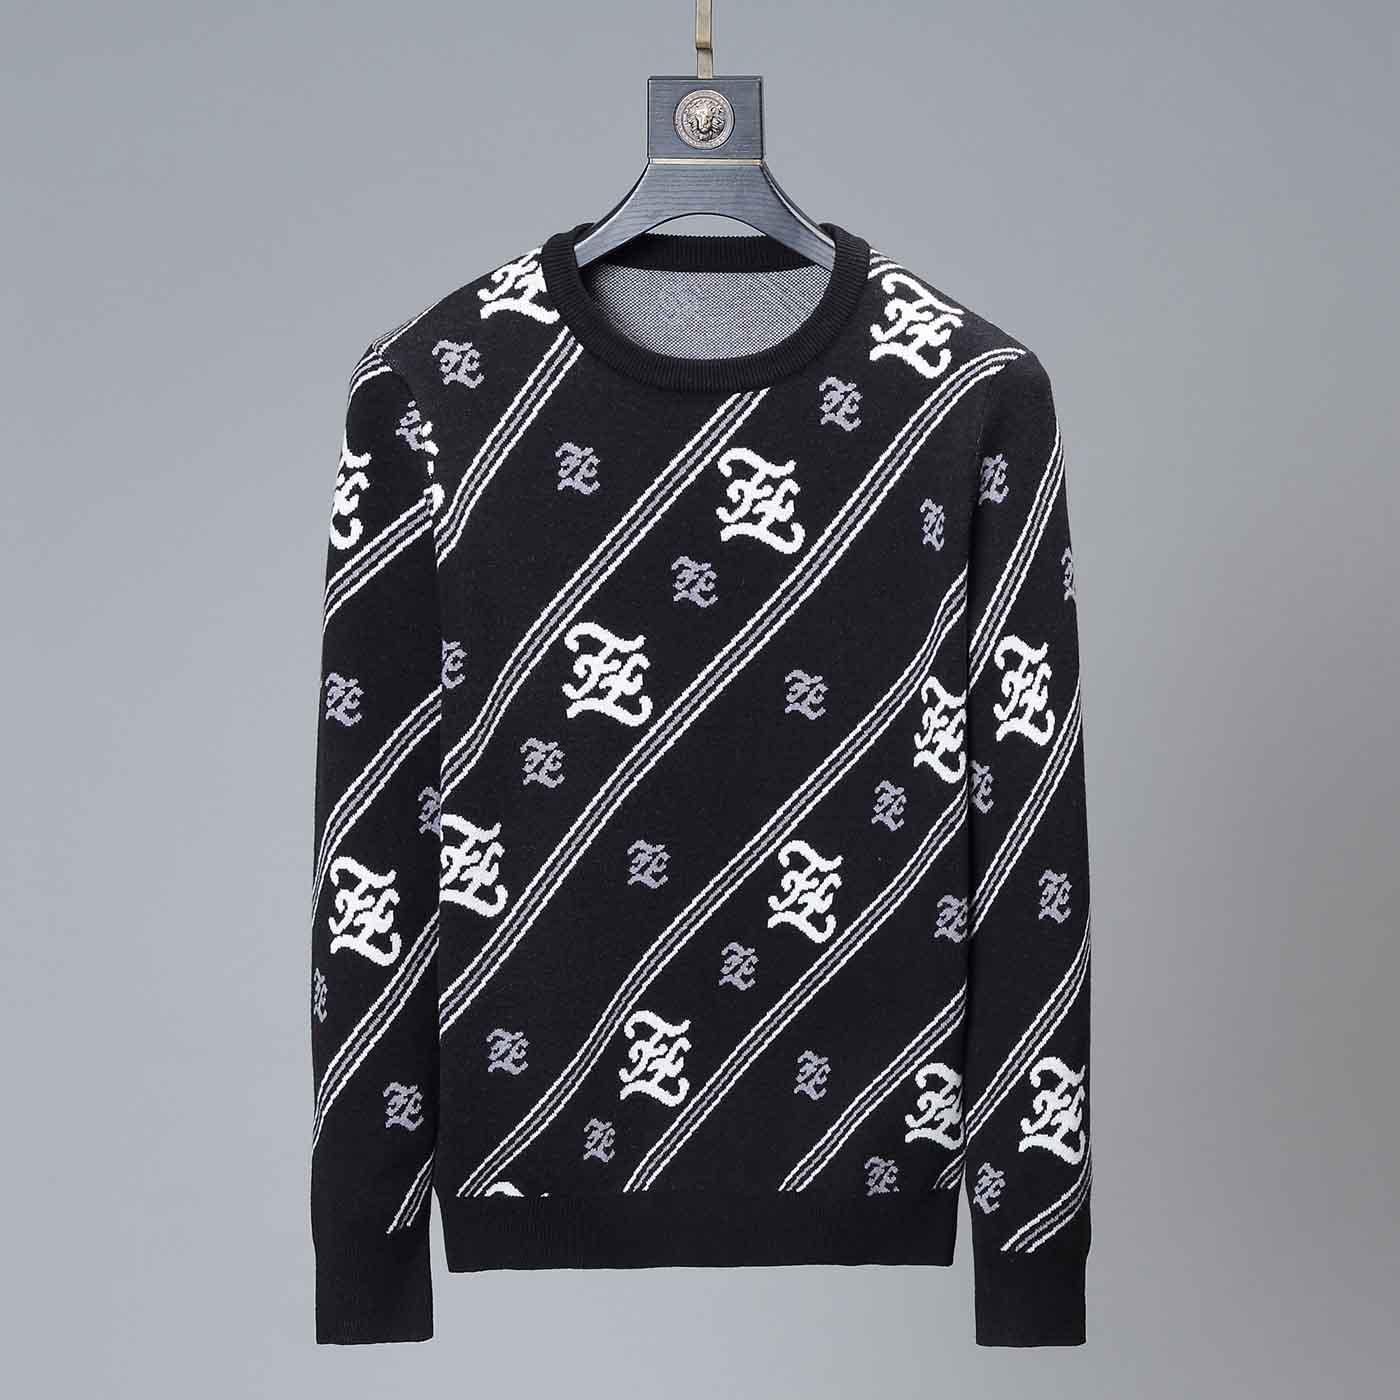 uomini di modo maglione di lusso e donne disegno del maglione del pullover lunga lettera manicotto della stampa ricamato maglione di formato abbigliamento invernale M-3XL